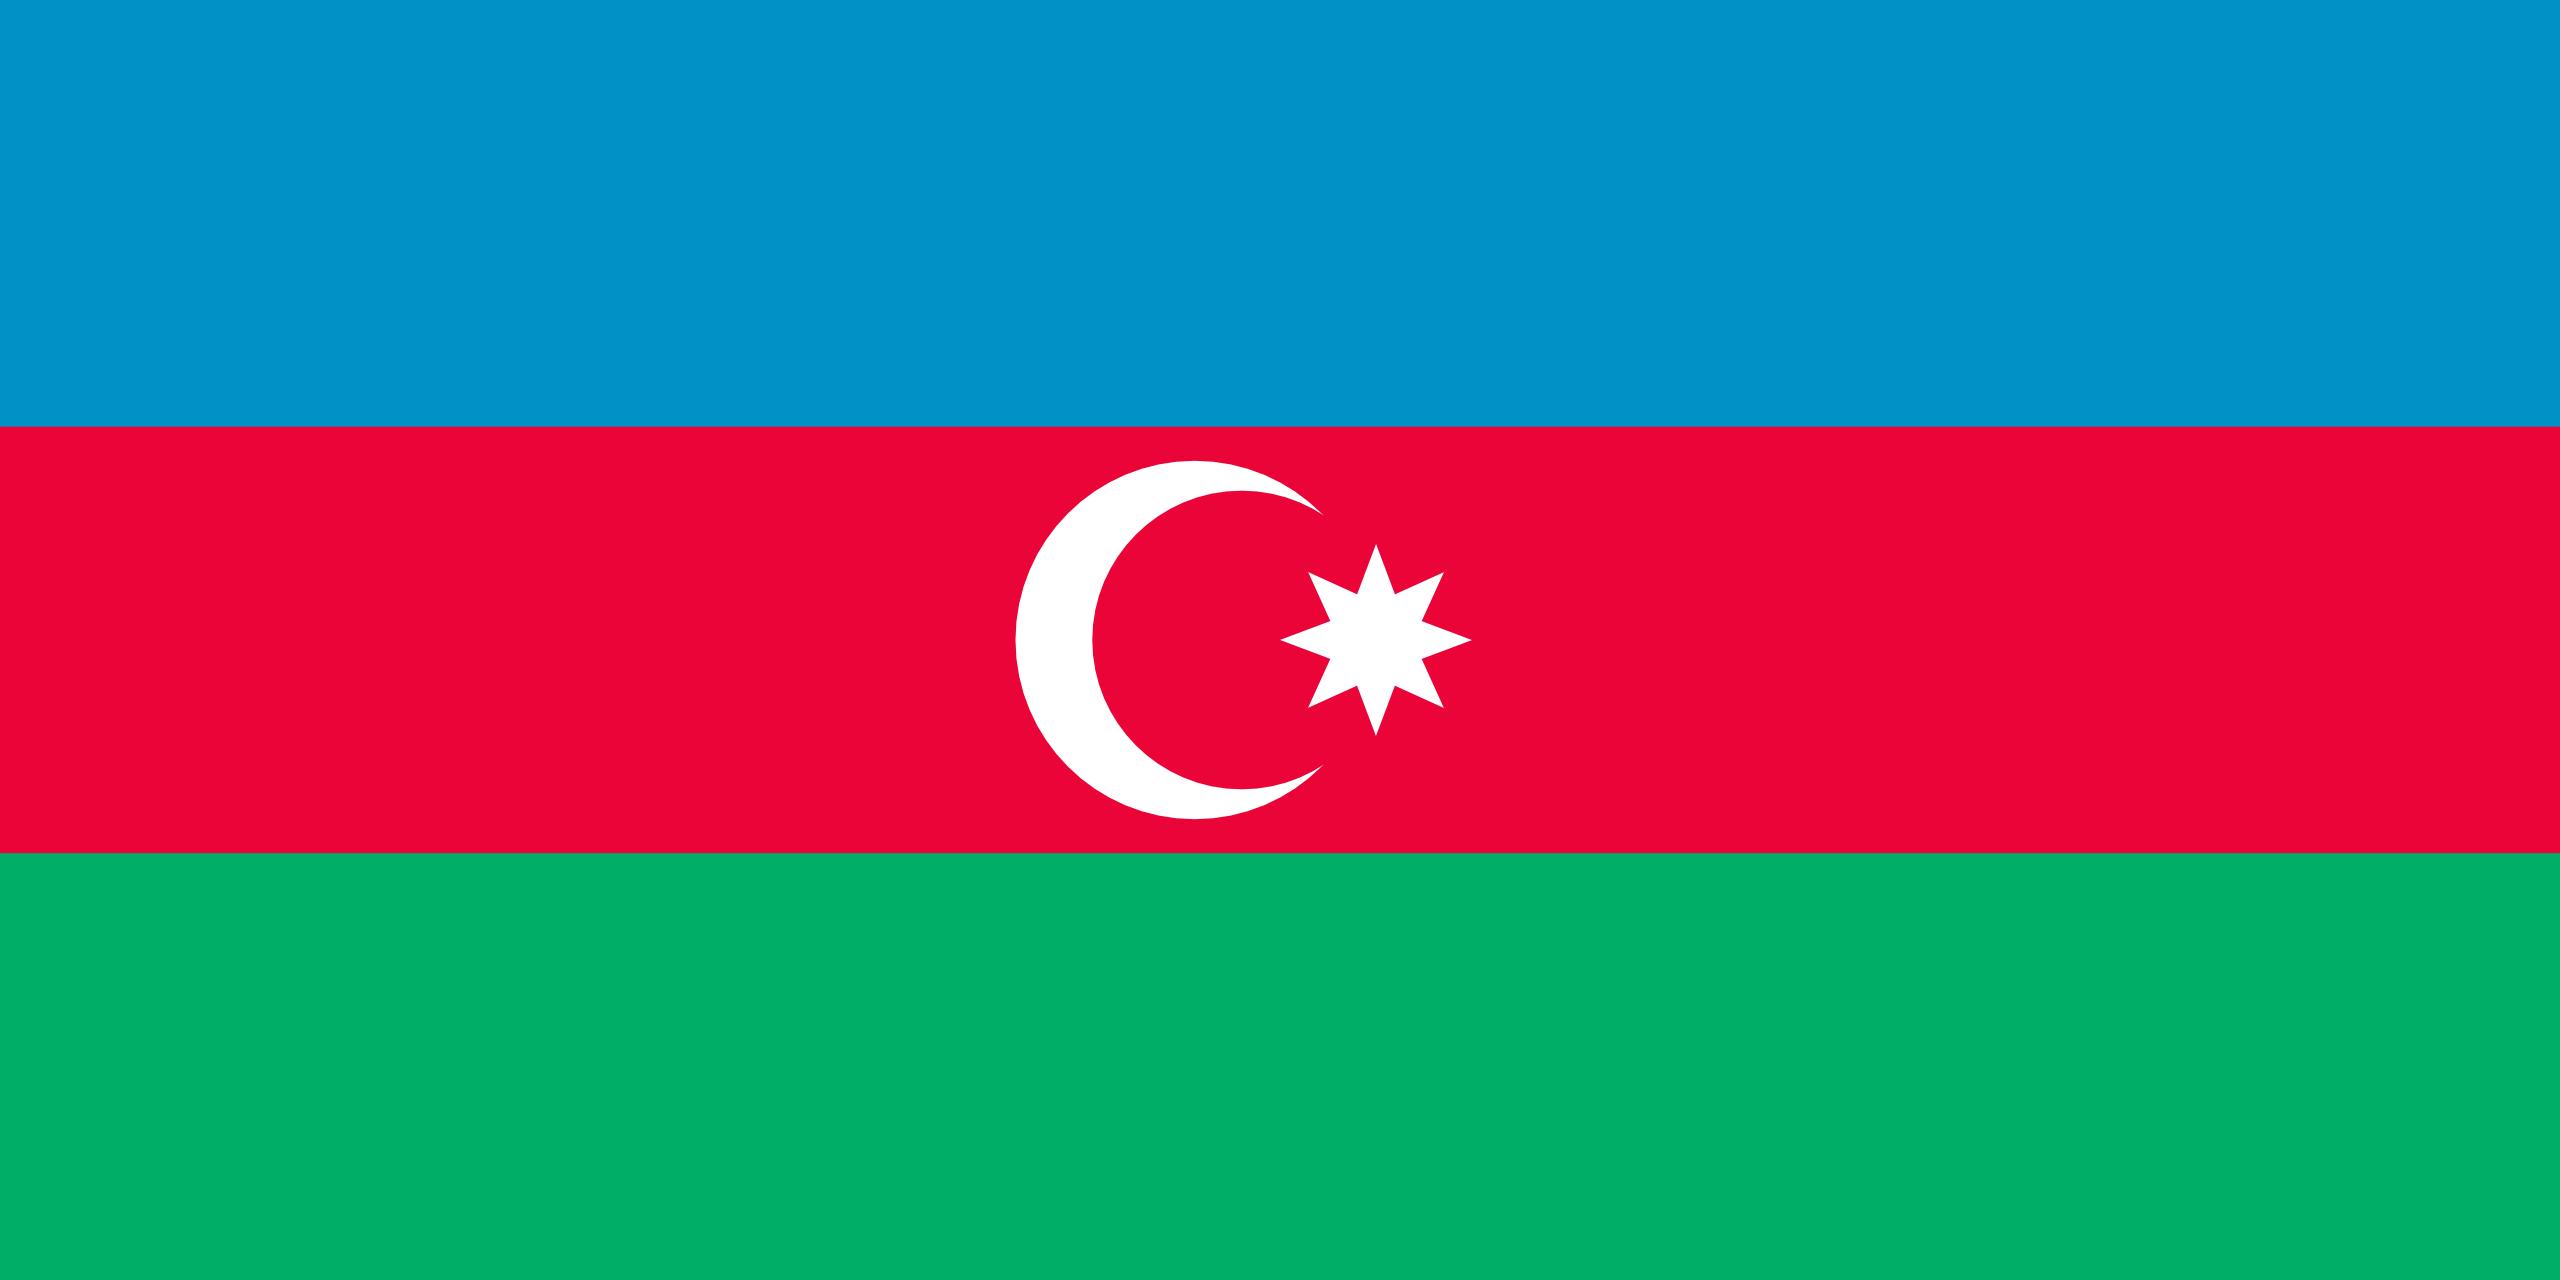 Αζερμπαϊτζάν, χώρα, έμβλημα, λογότυπο, σύμβολο - Wallpapers HD - Professor-falken.com